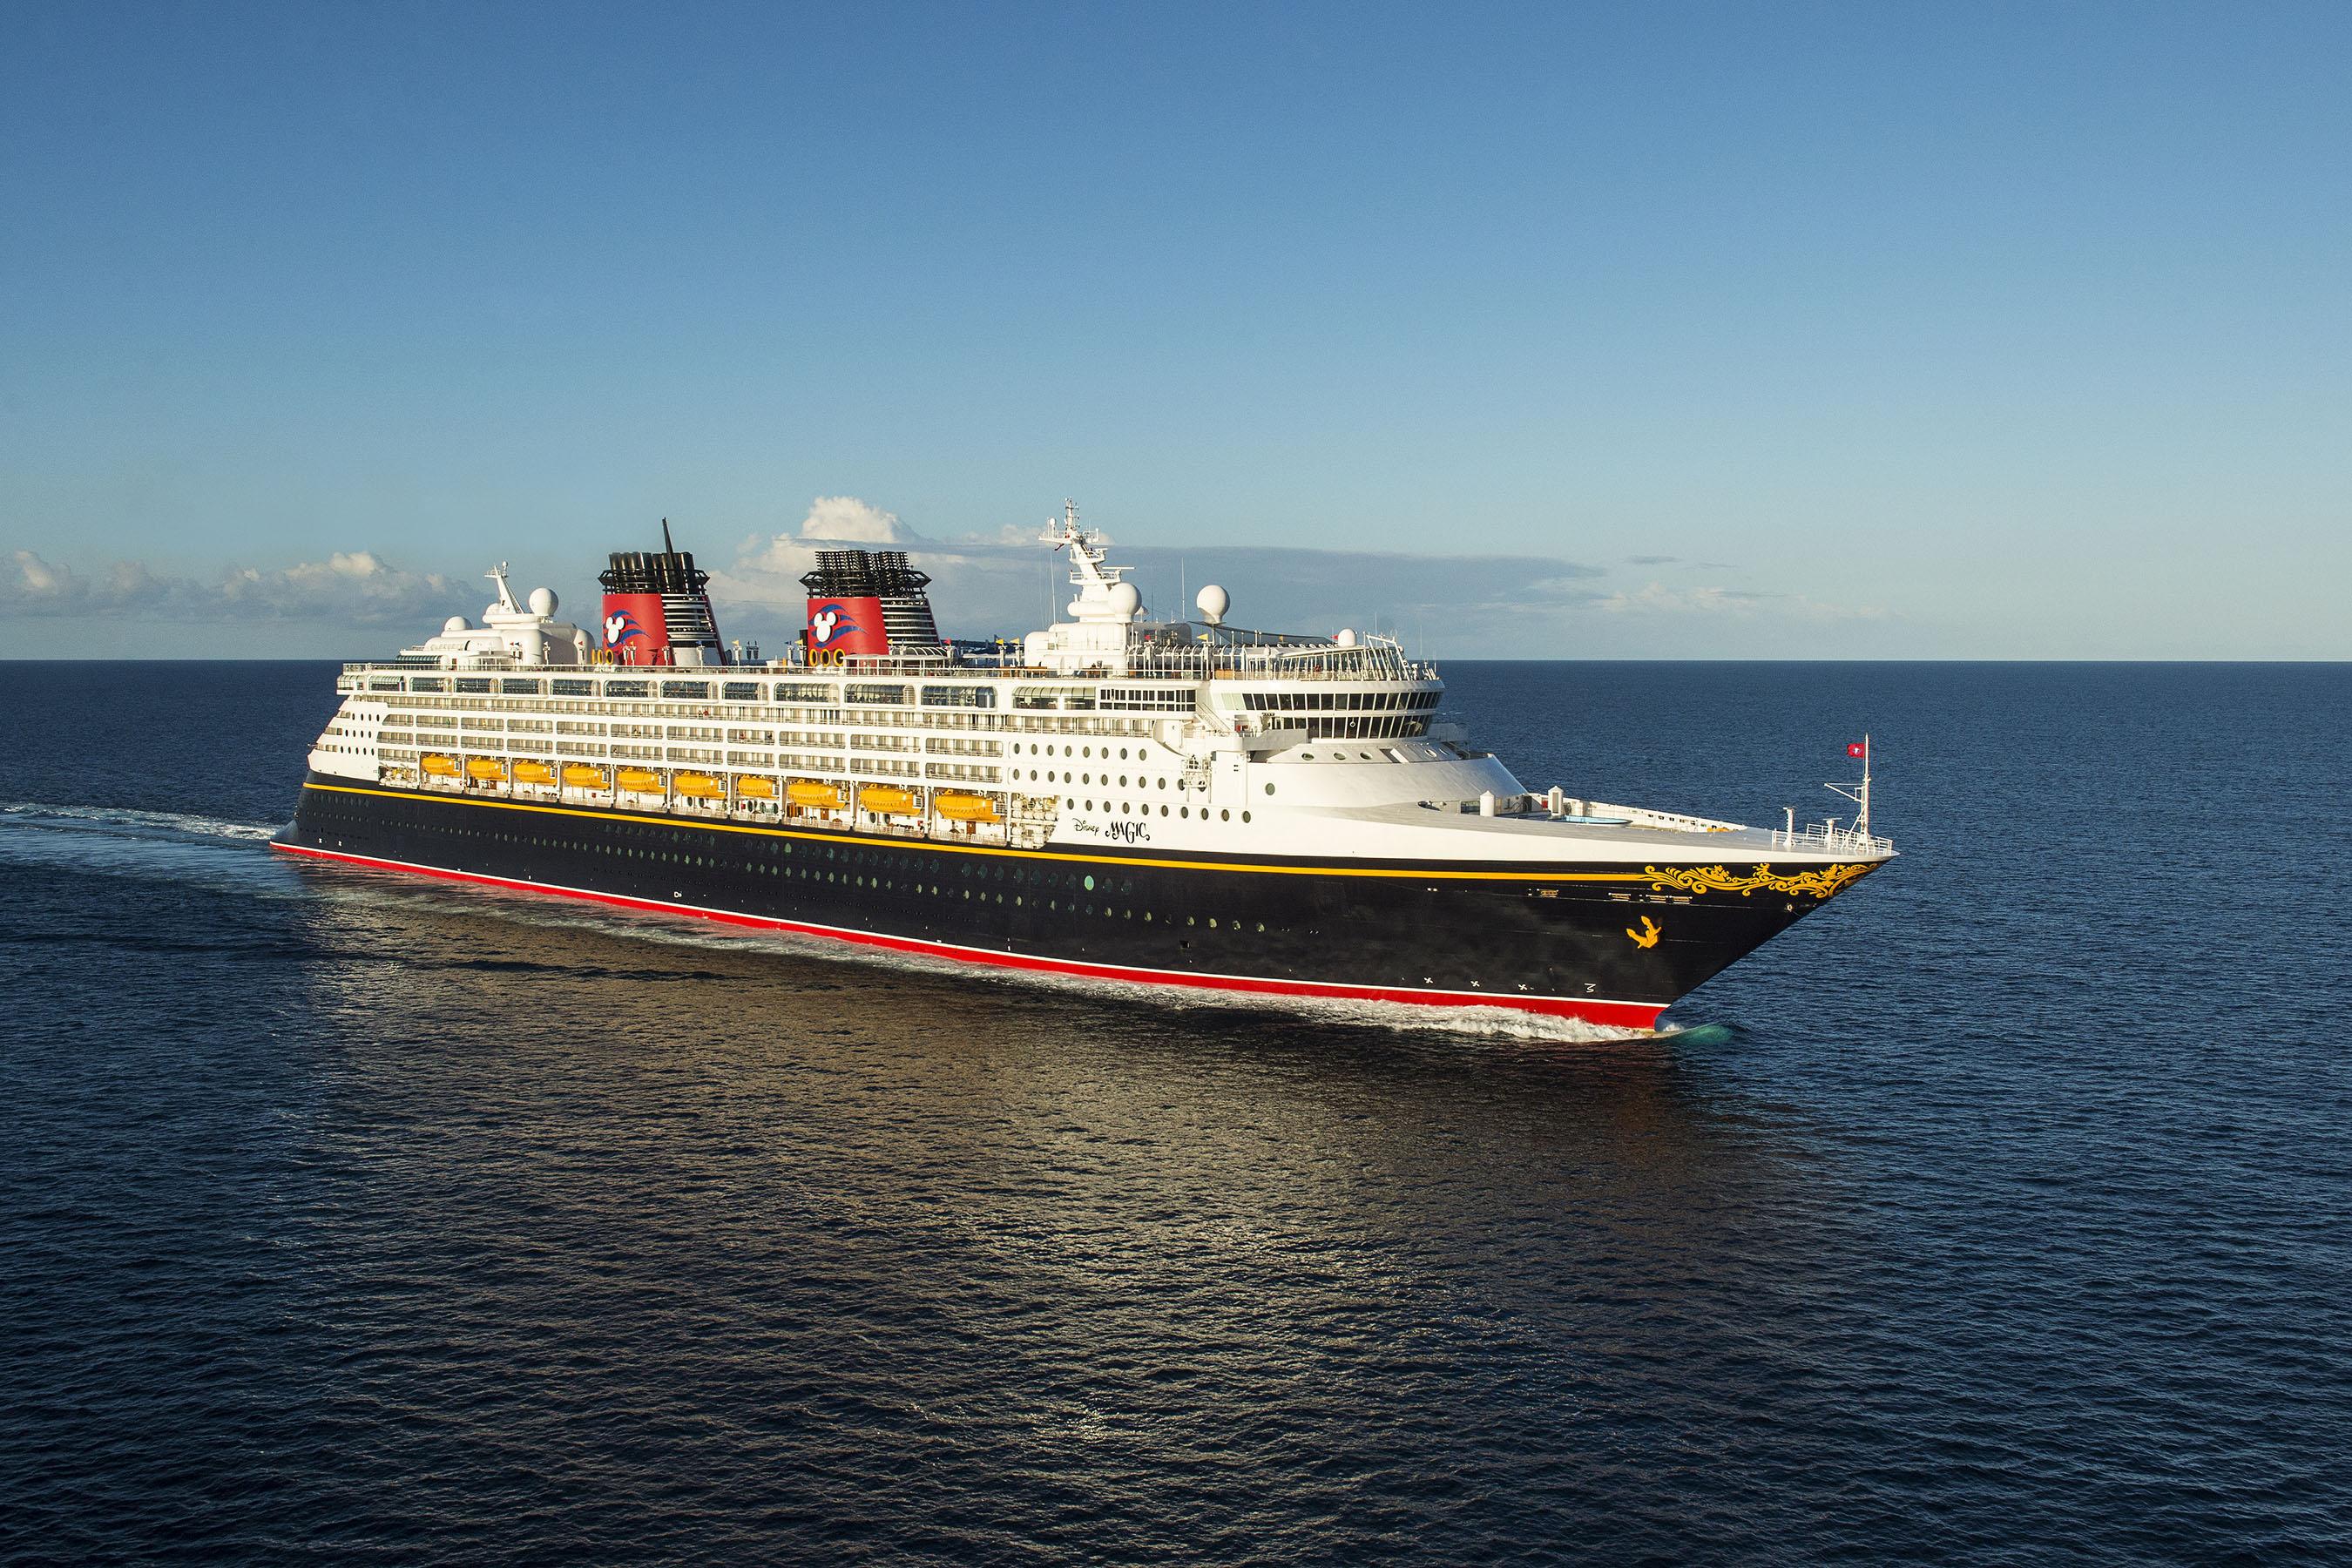 Disney increases San Diego sailings in 2019